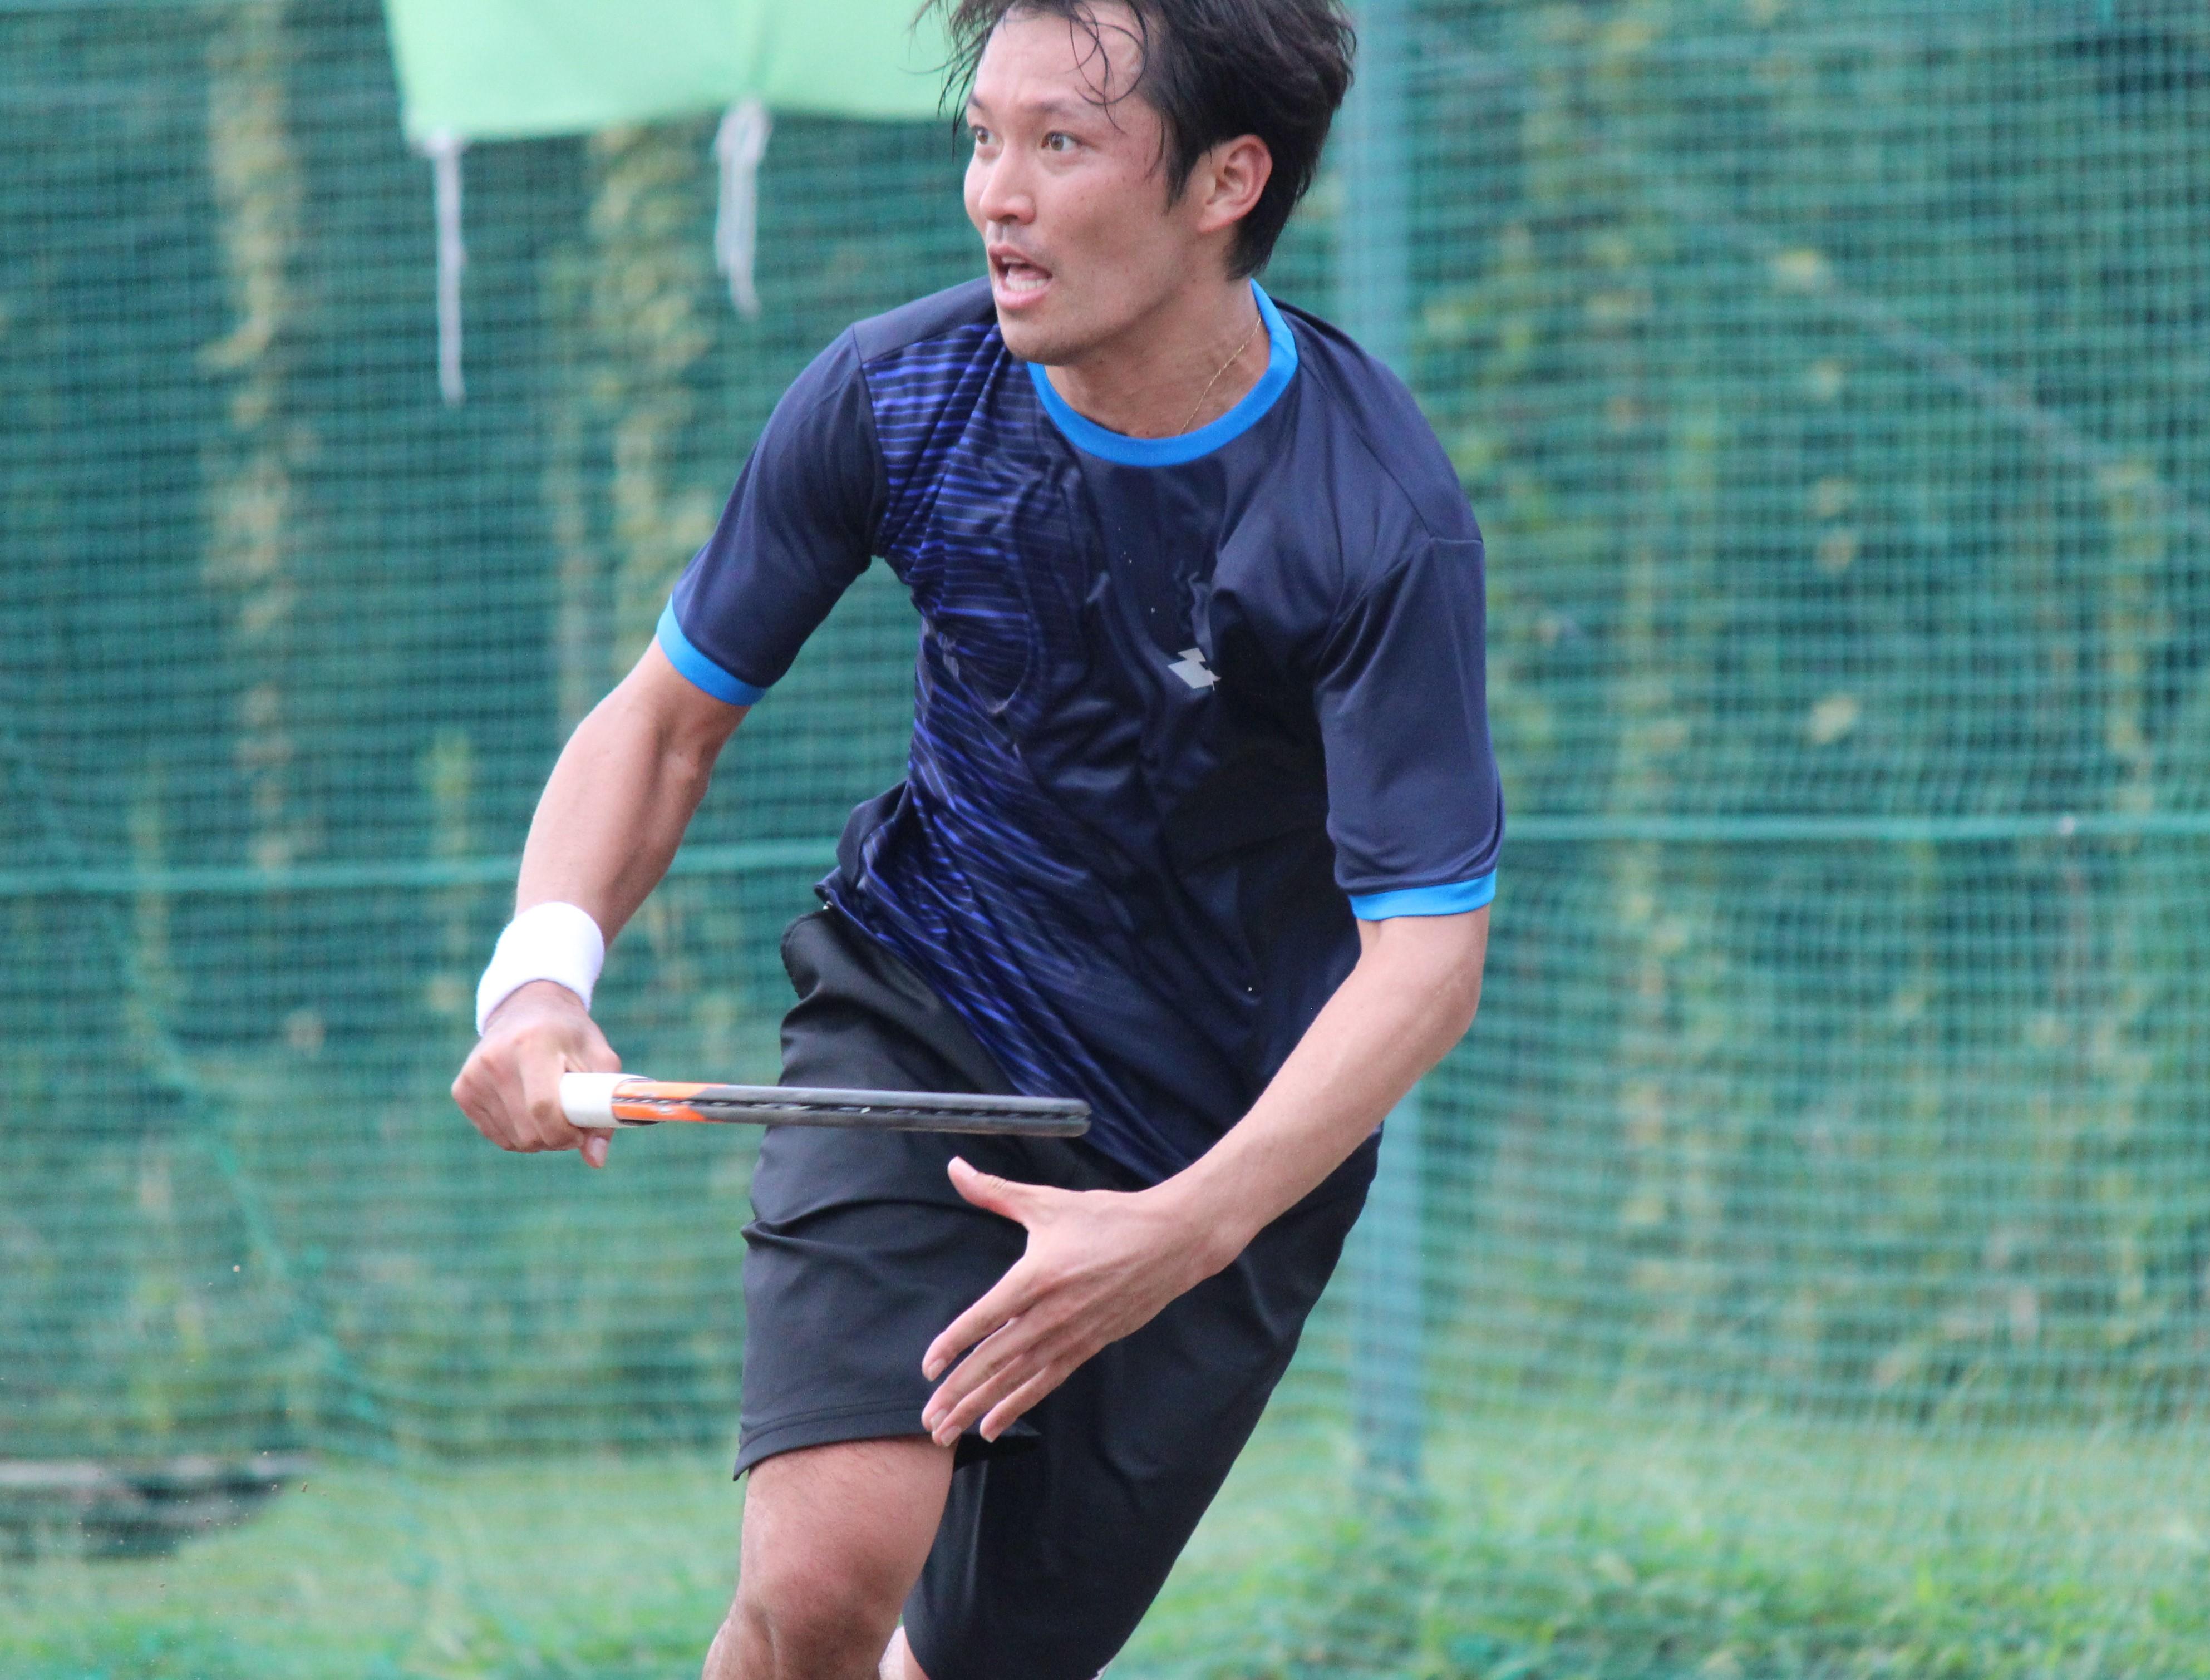 【テニス】伊藤竜馬選手へのサポートをスタート